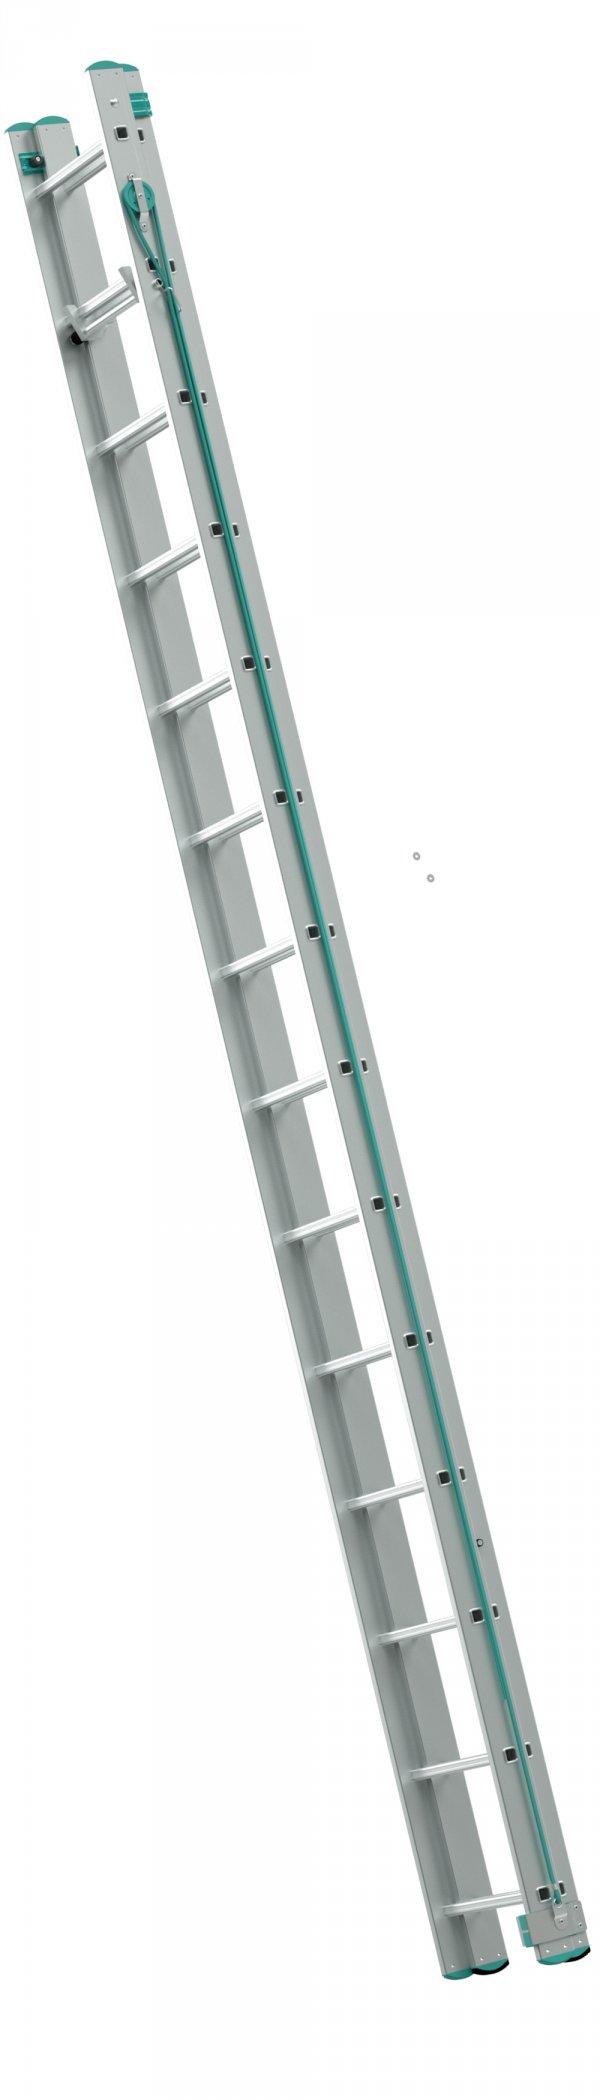 7316 - dvoudílný lanový žebřík 2 x 16 příček